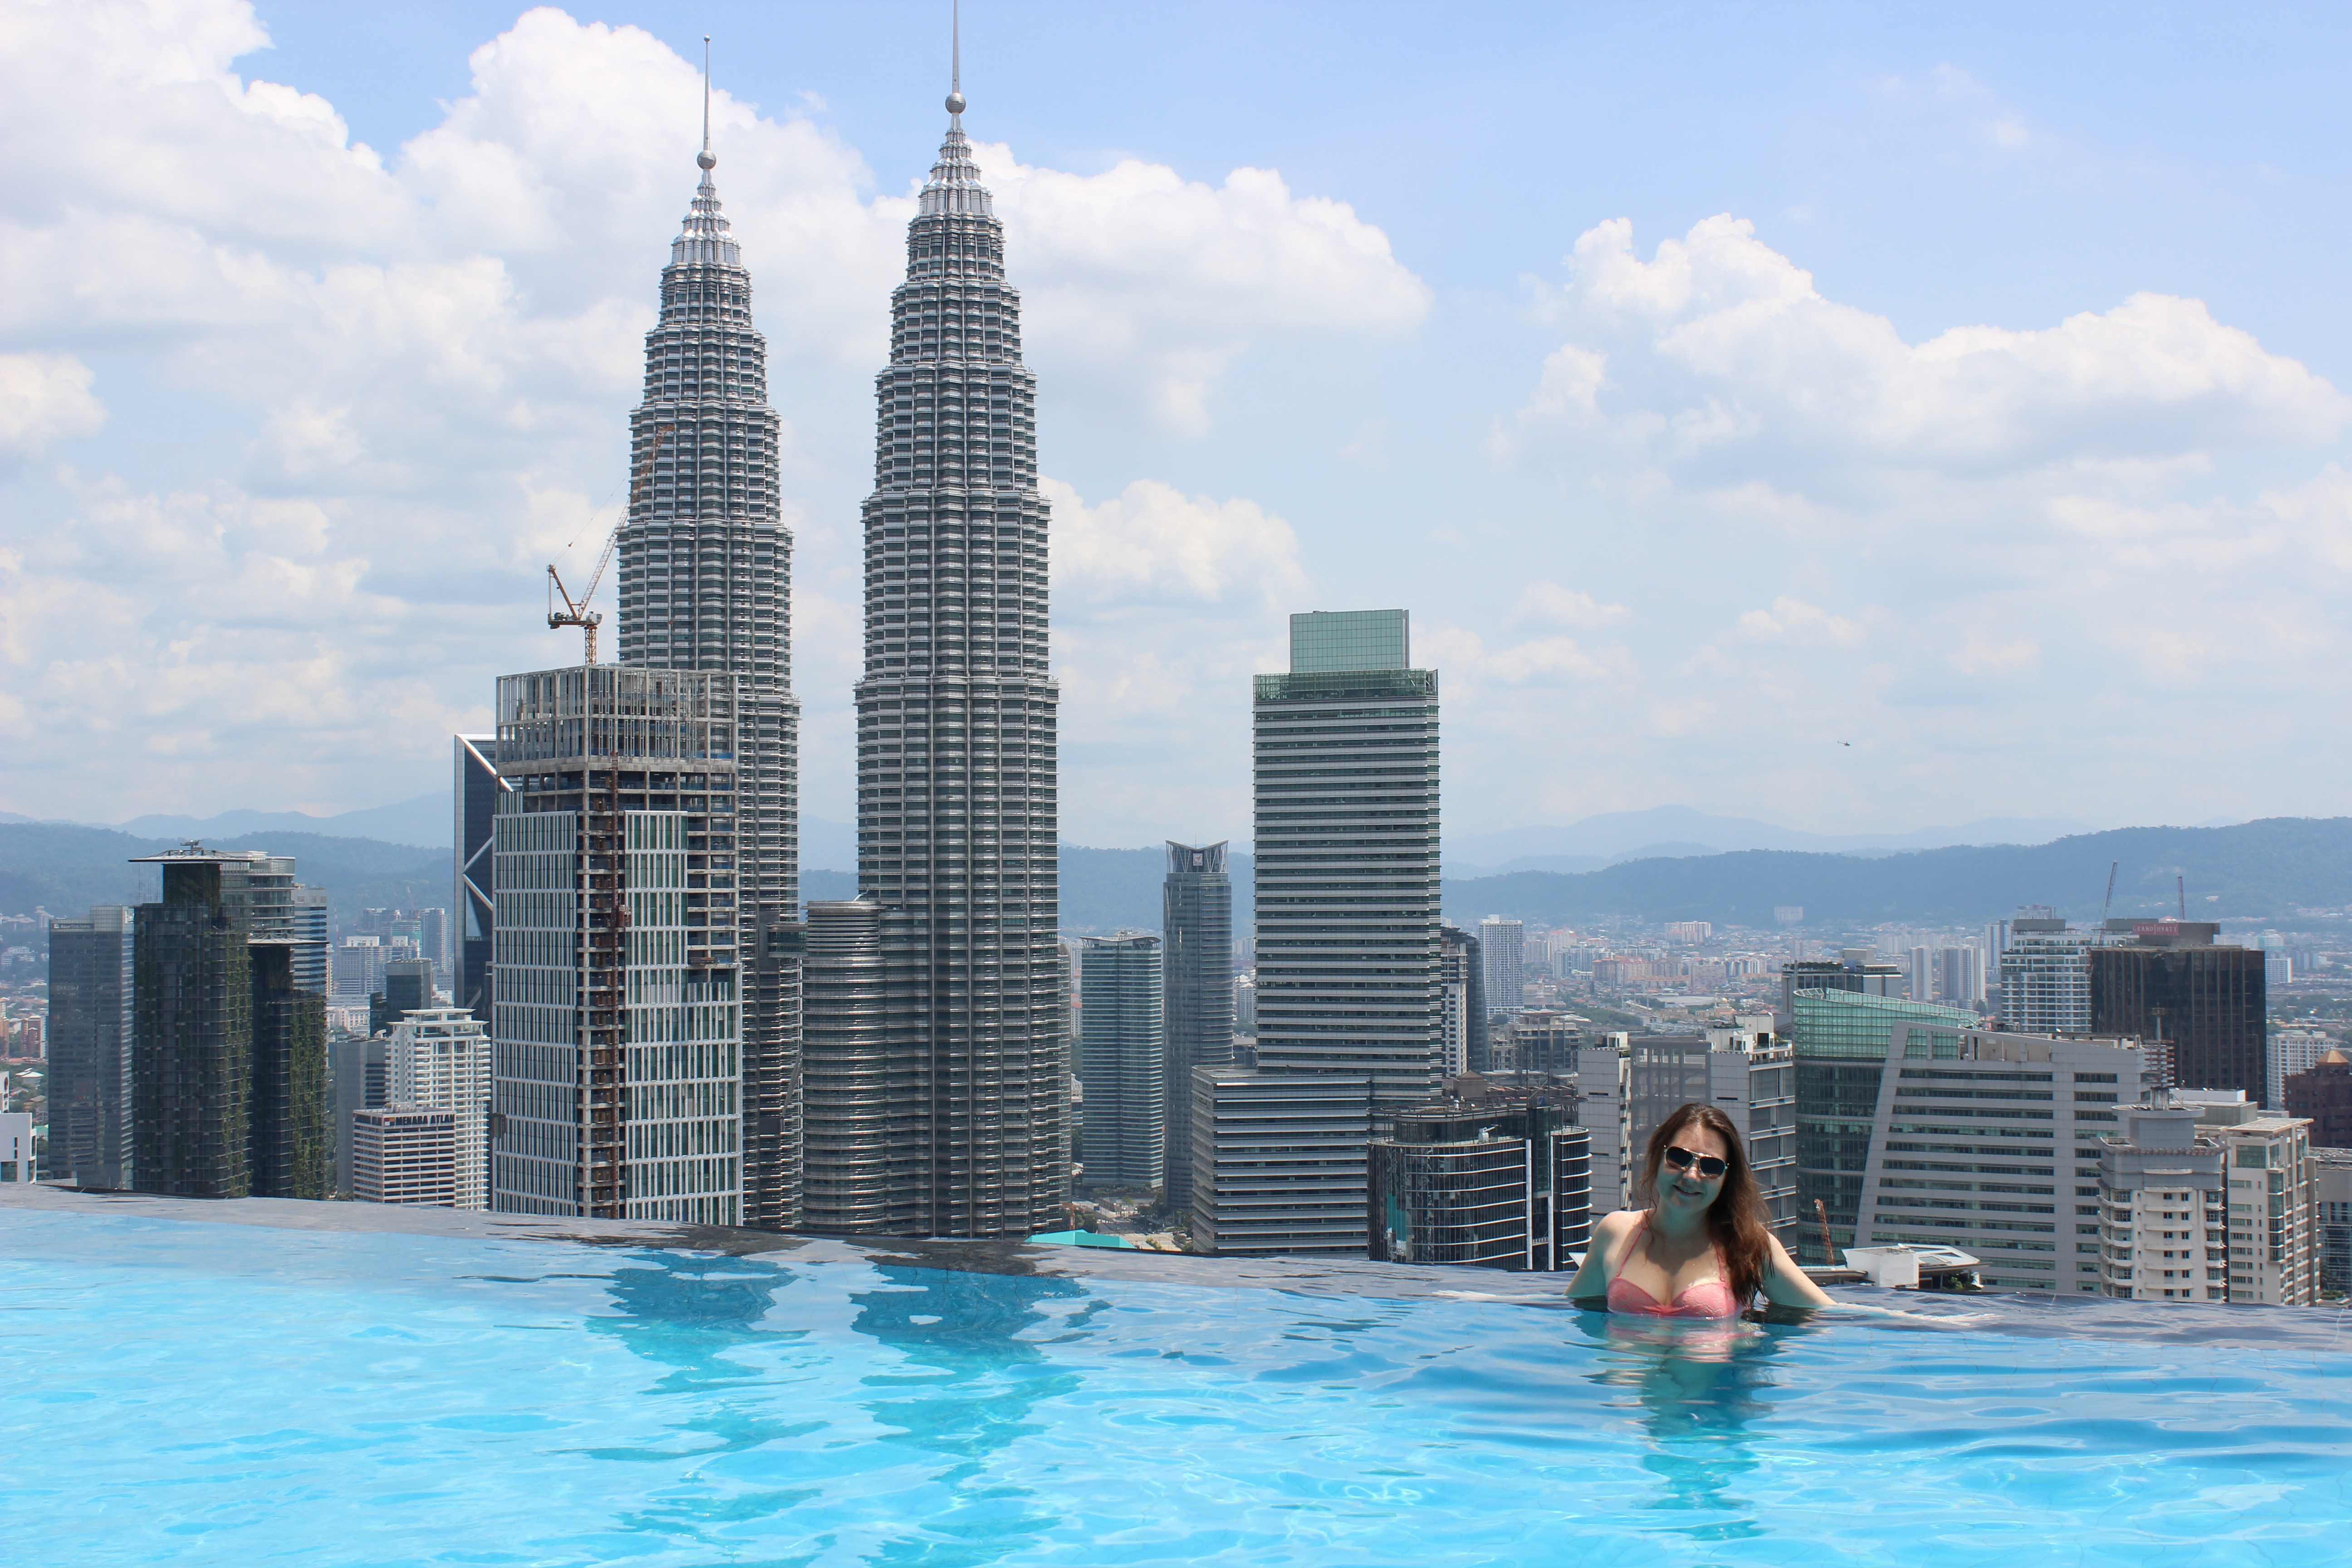 куала лумпур отель с бассейном на крыше